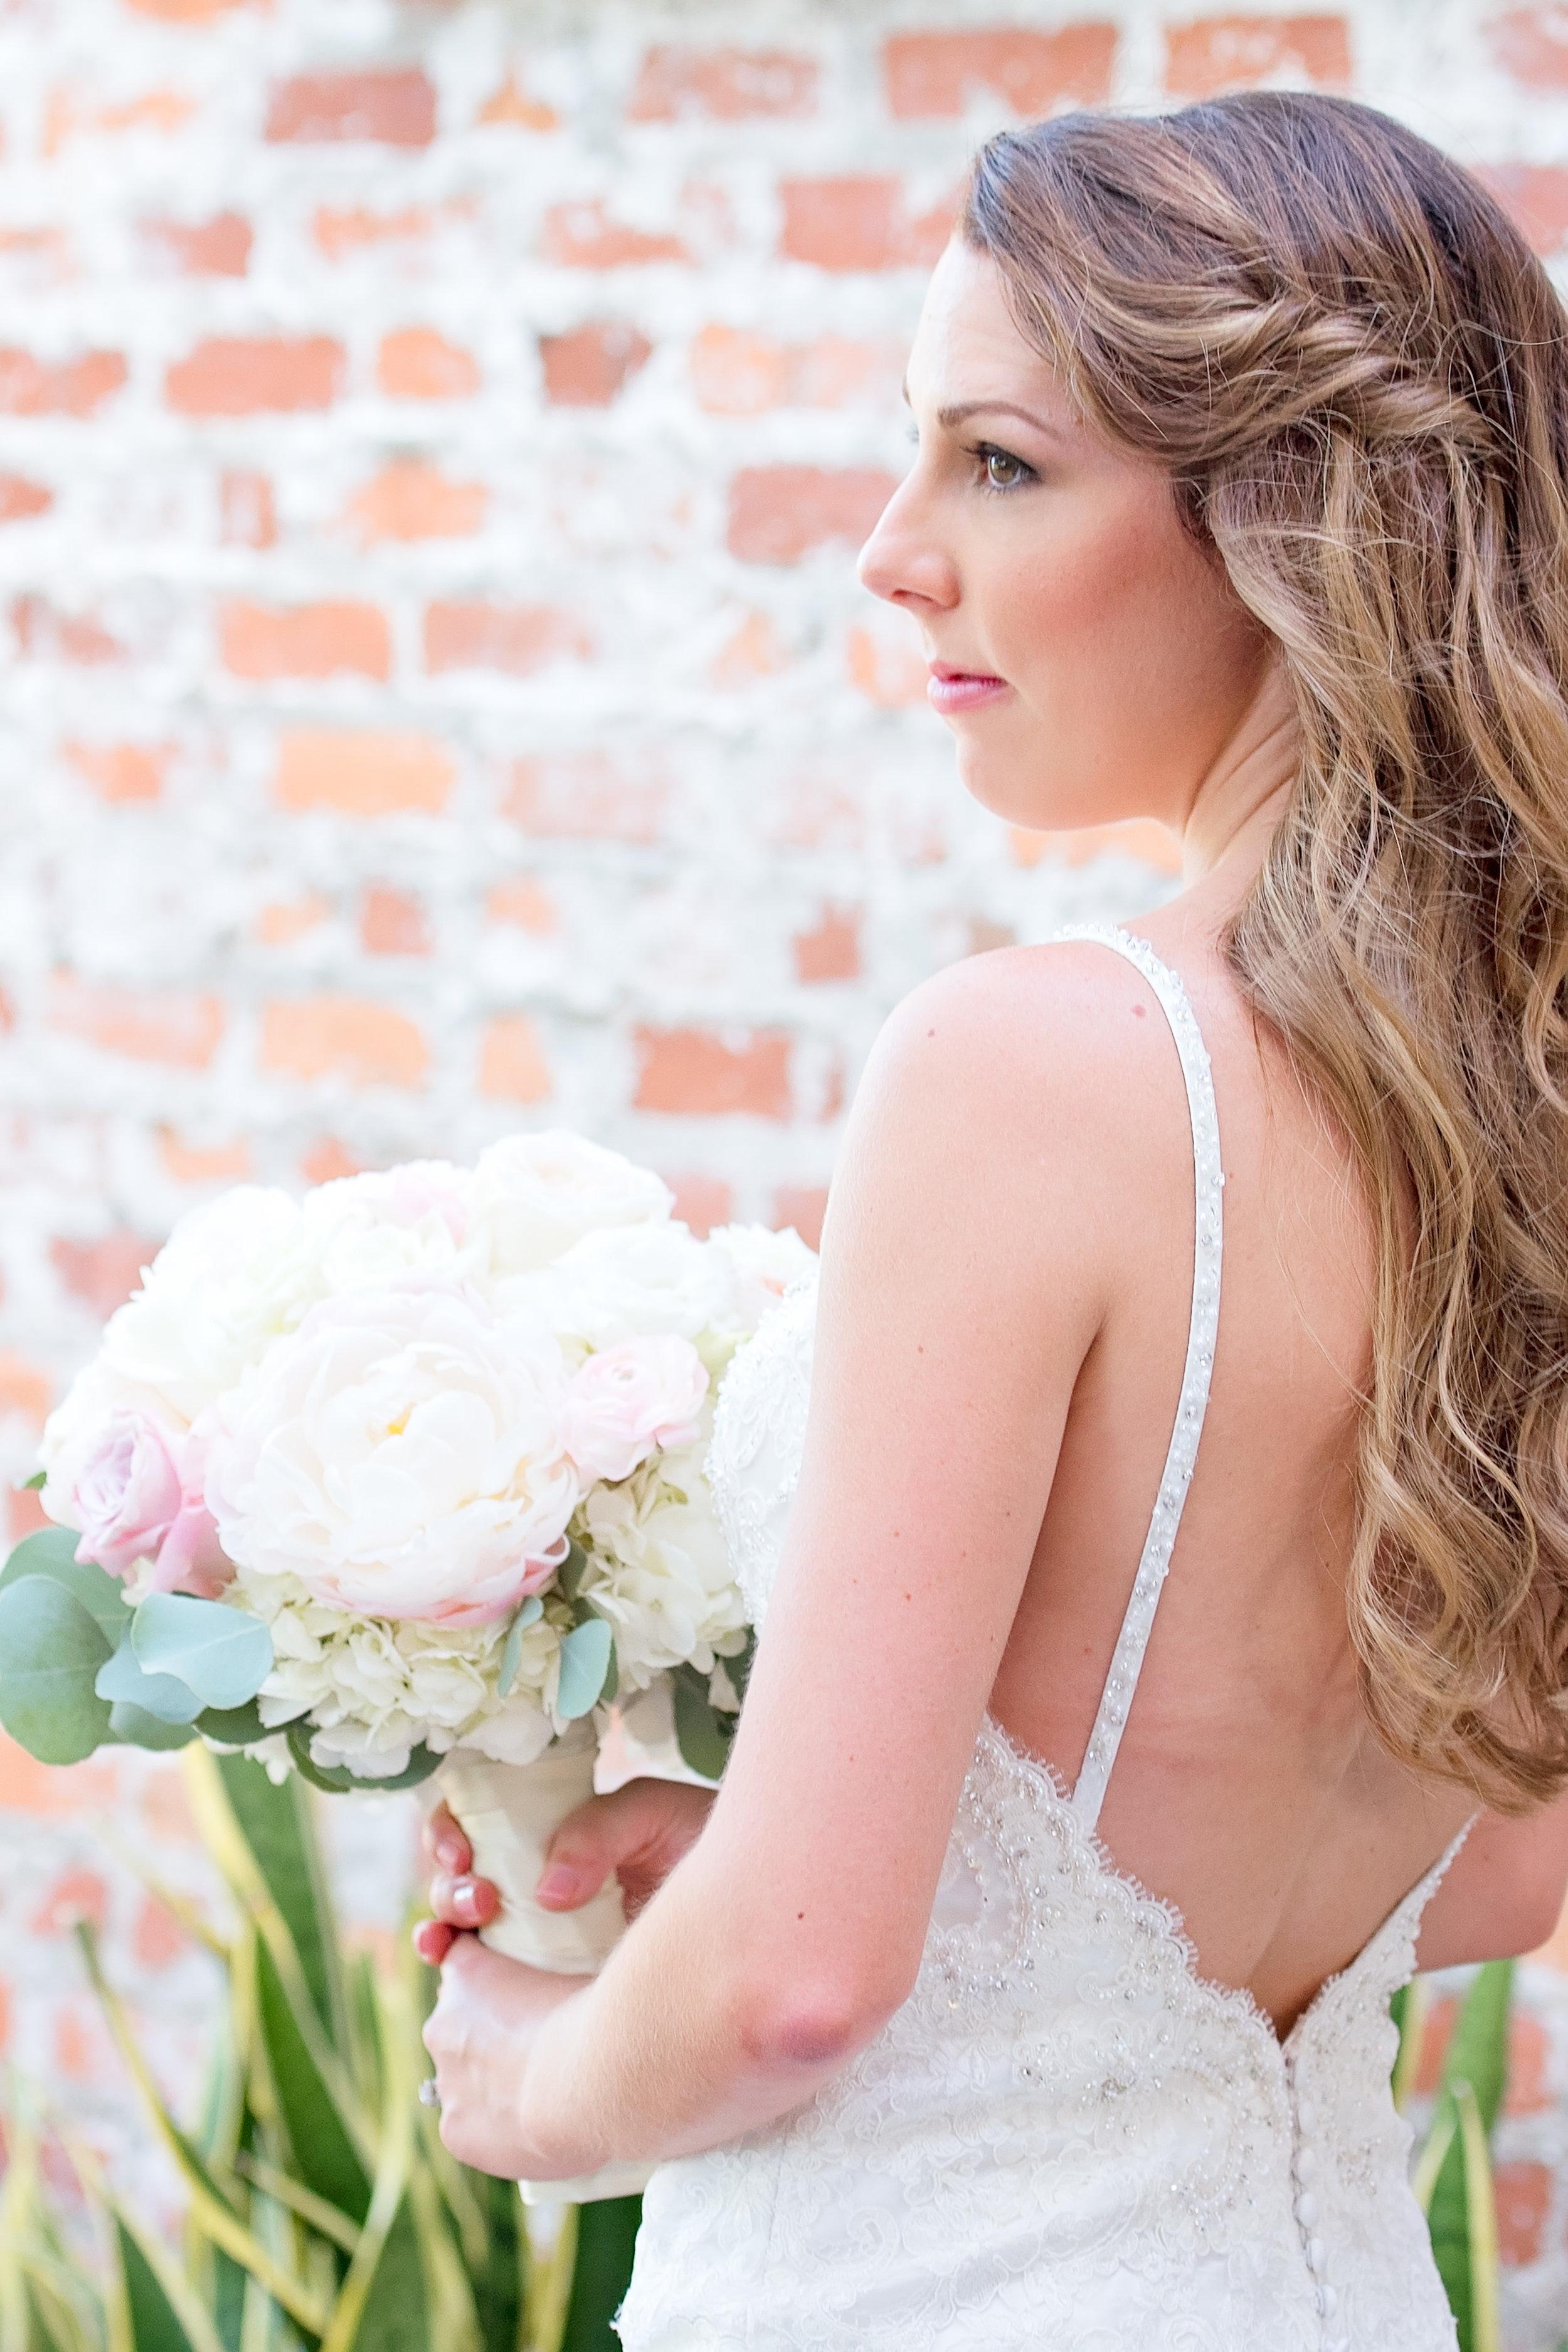 Low Back Wedding Dress - Blush and White Wedding - Los Feliz Wedding